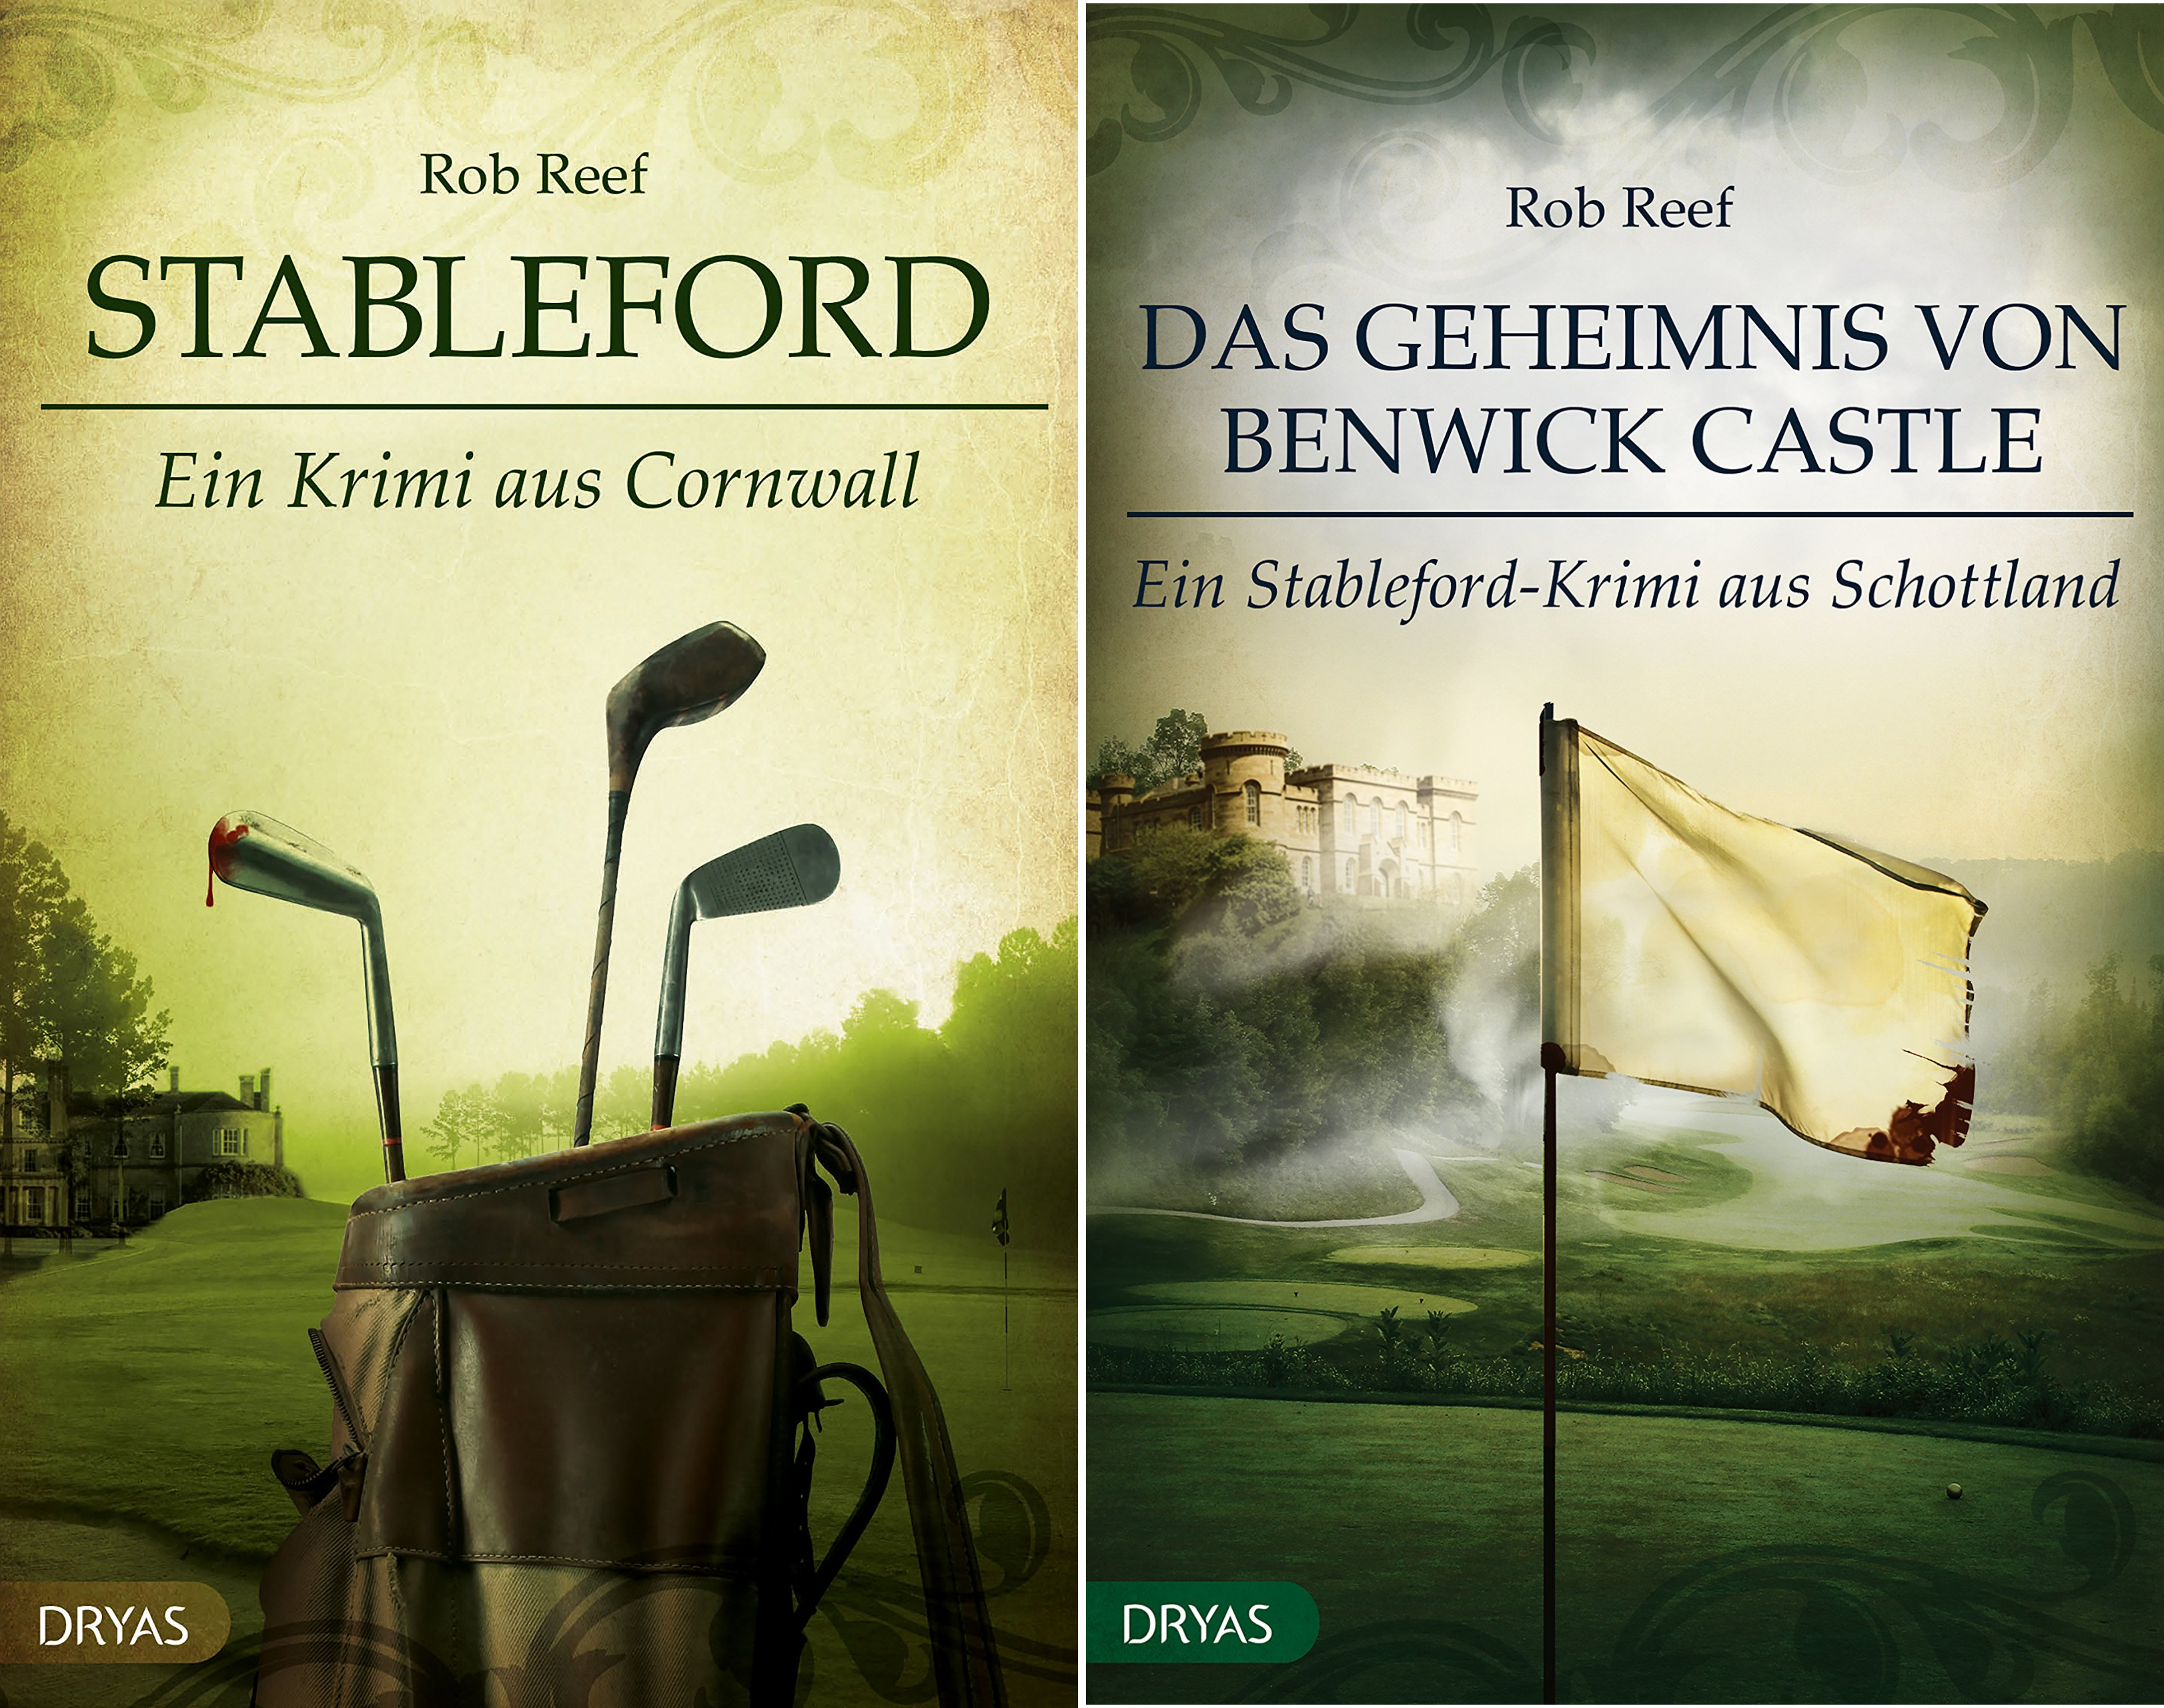 Ein Stableford-Krimi (Reihe in 2 Bänden)